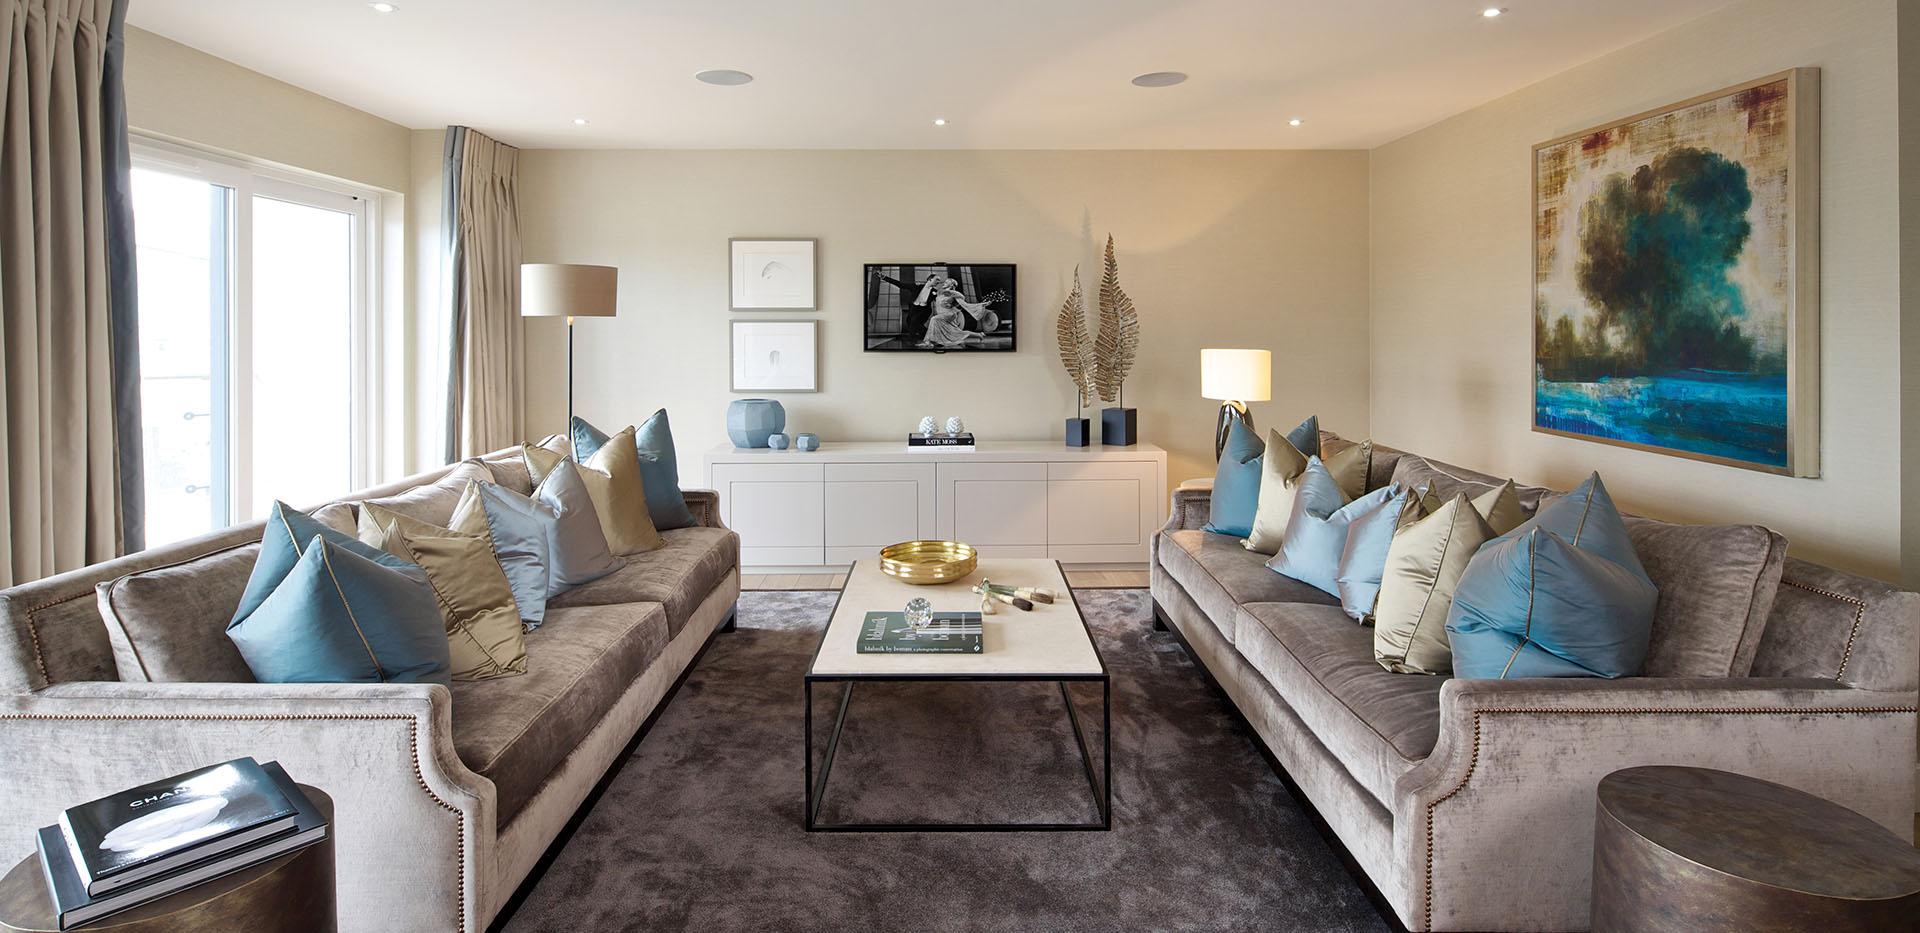 St George, Beaufort Park, 3 Bed, Premier, Living Room